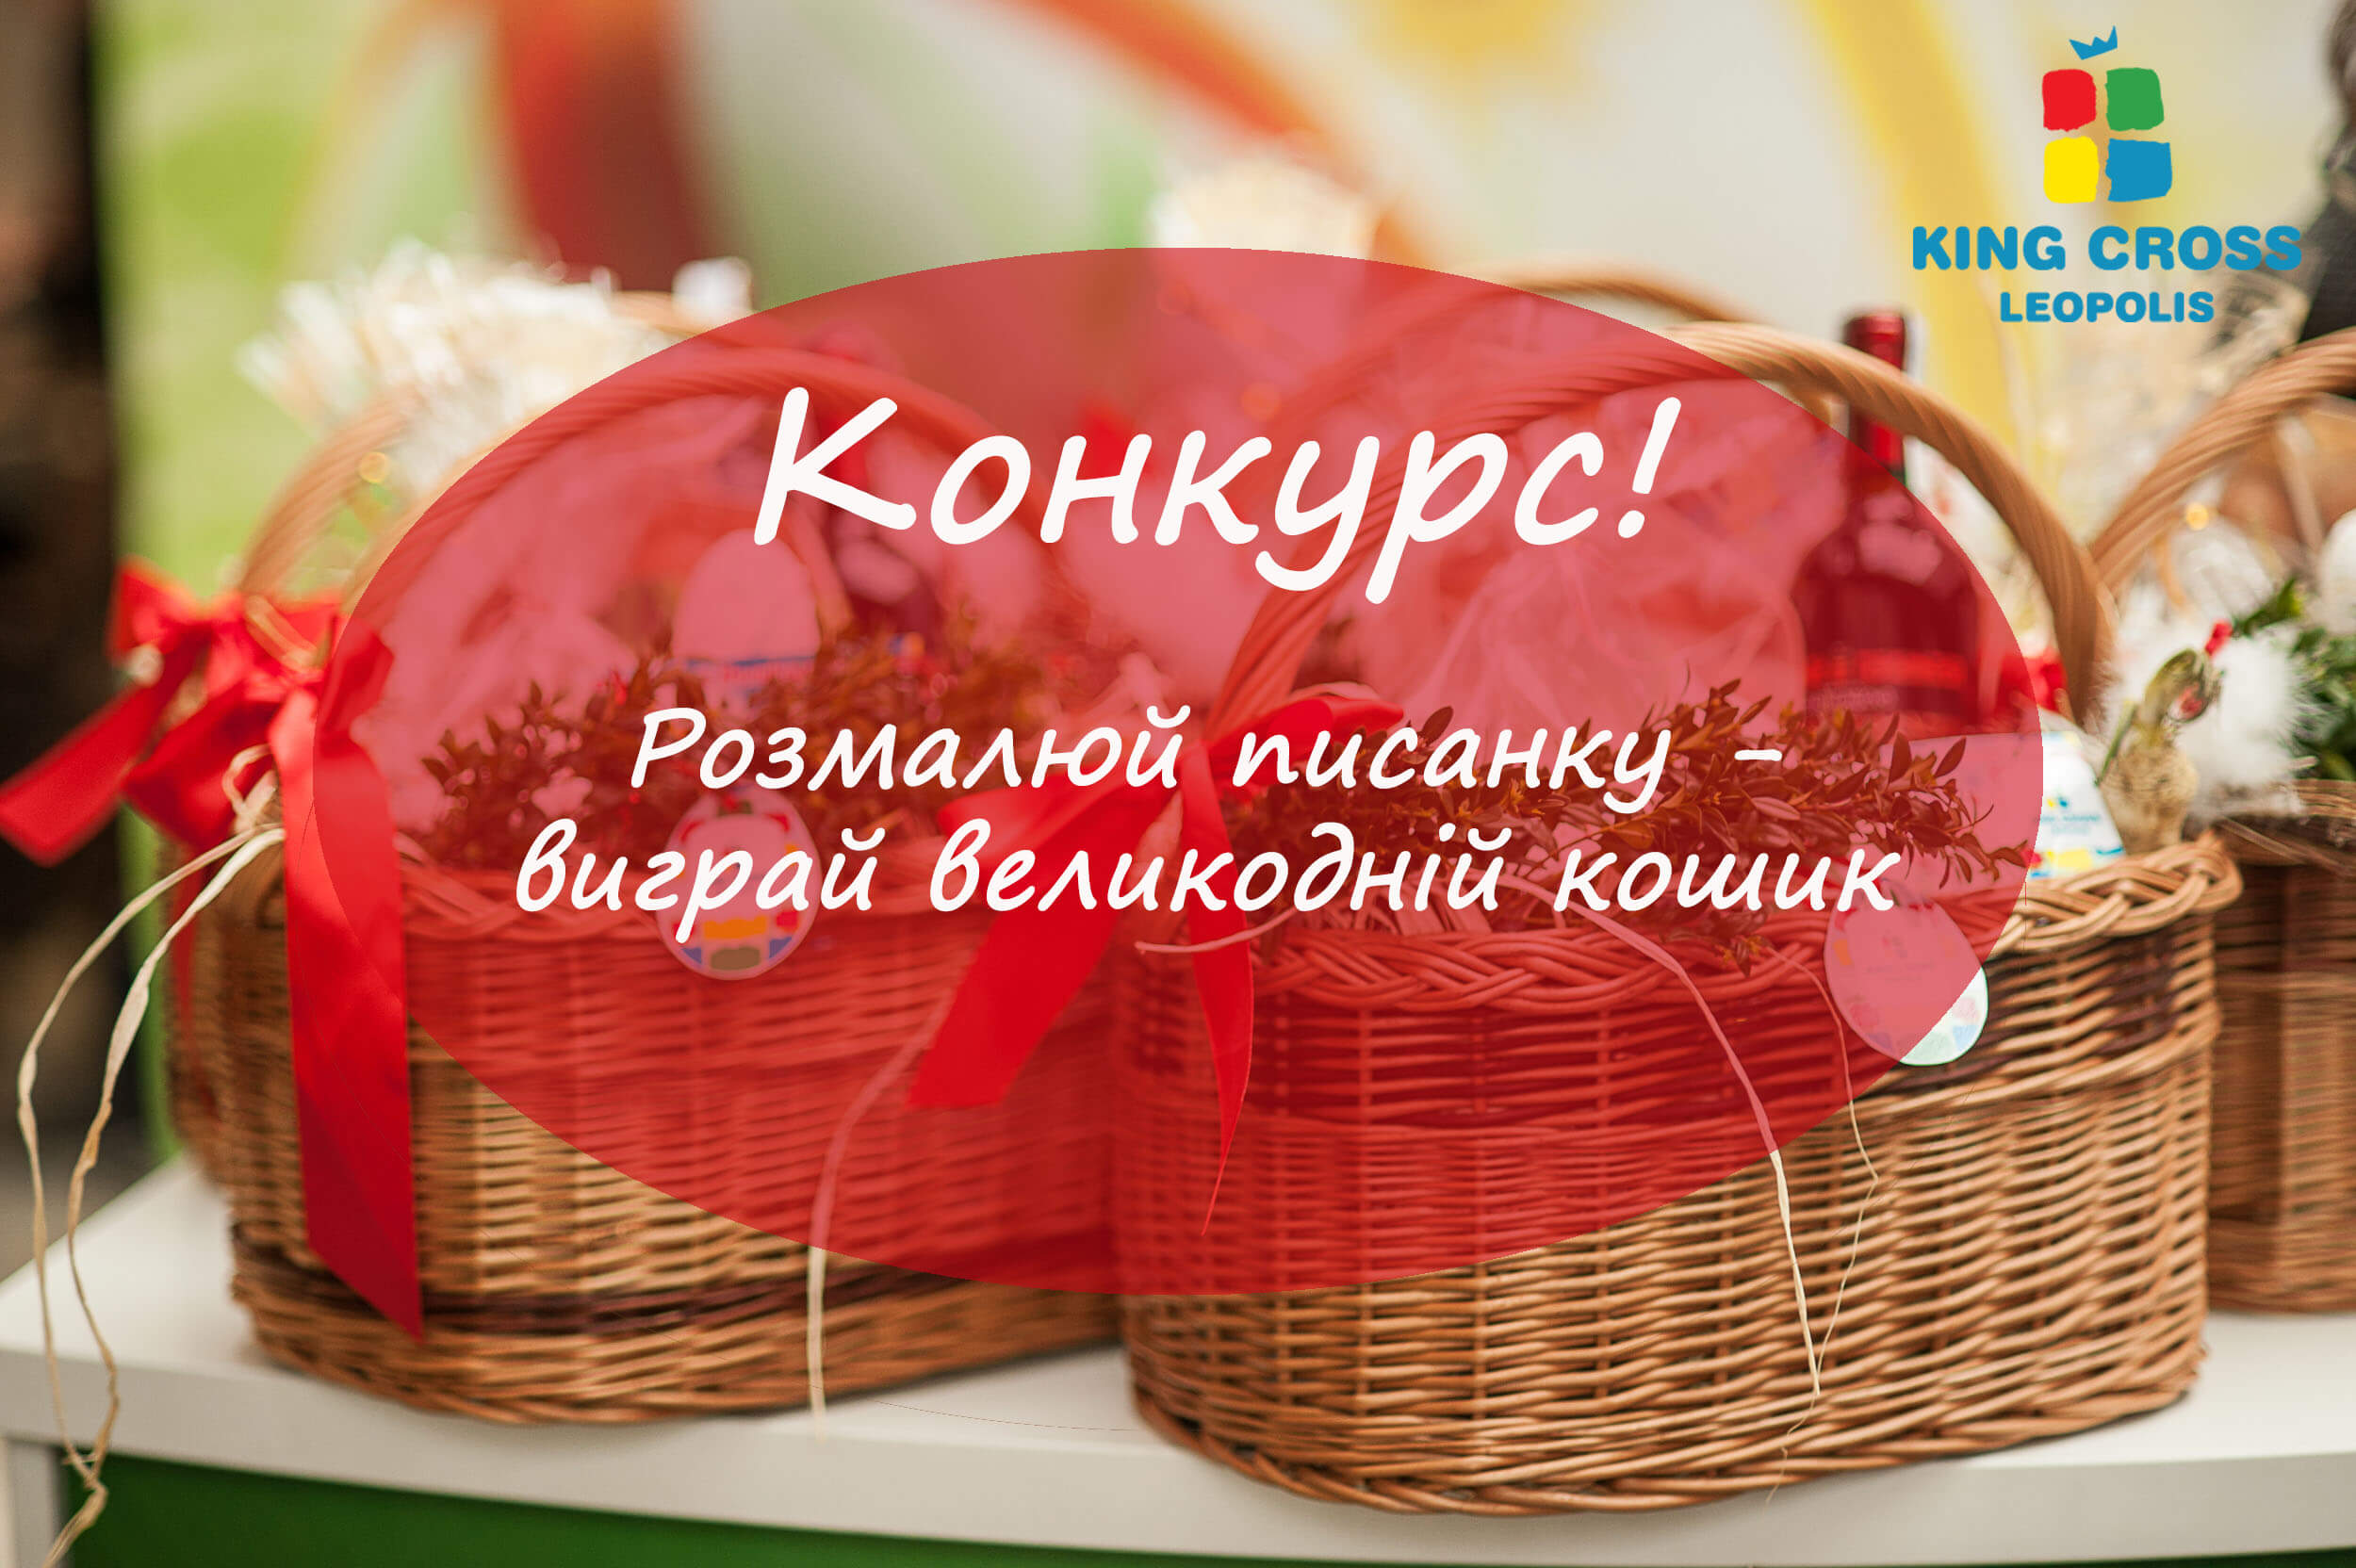 konkurs_pysanka_king_cross_leopolis